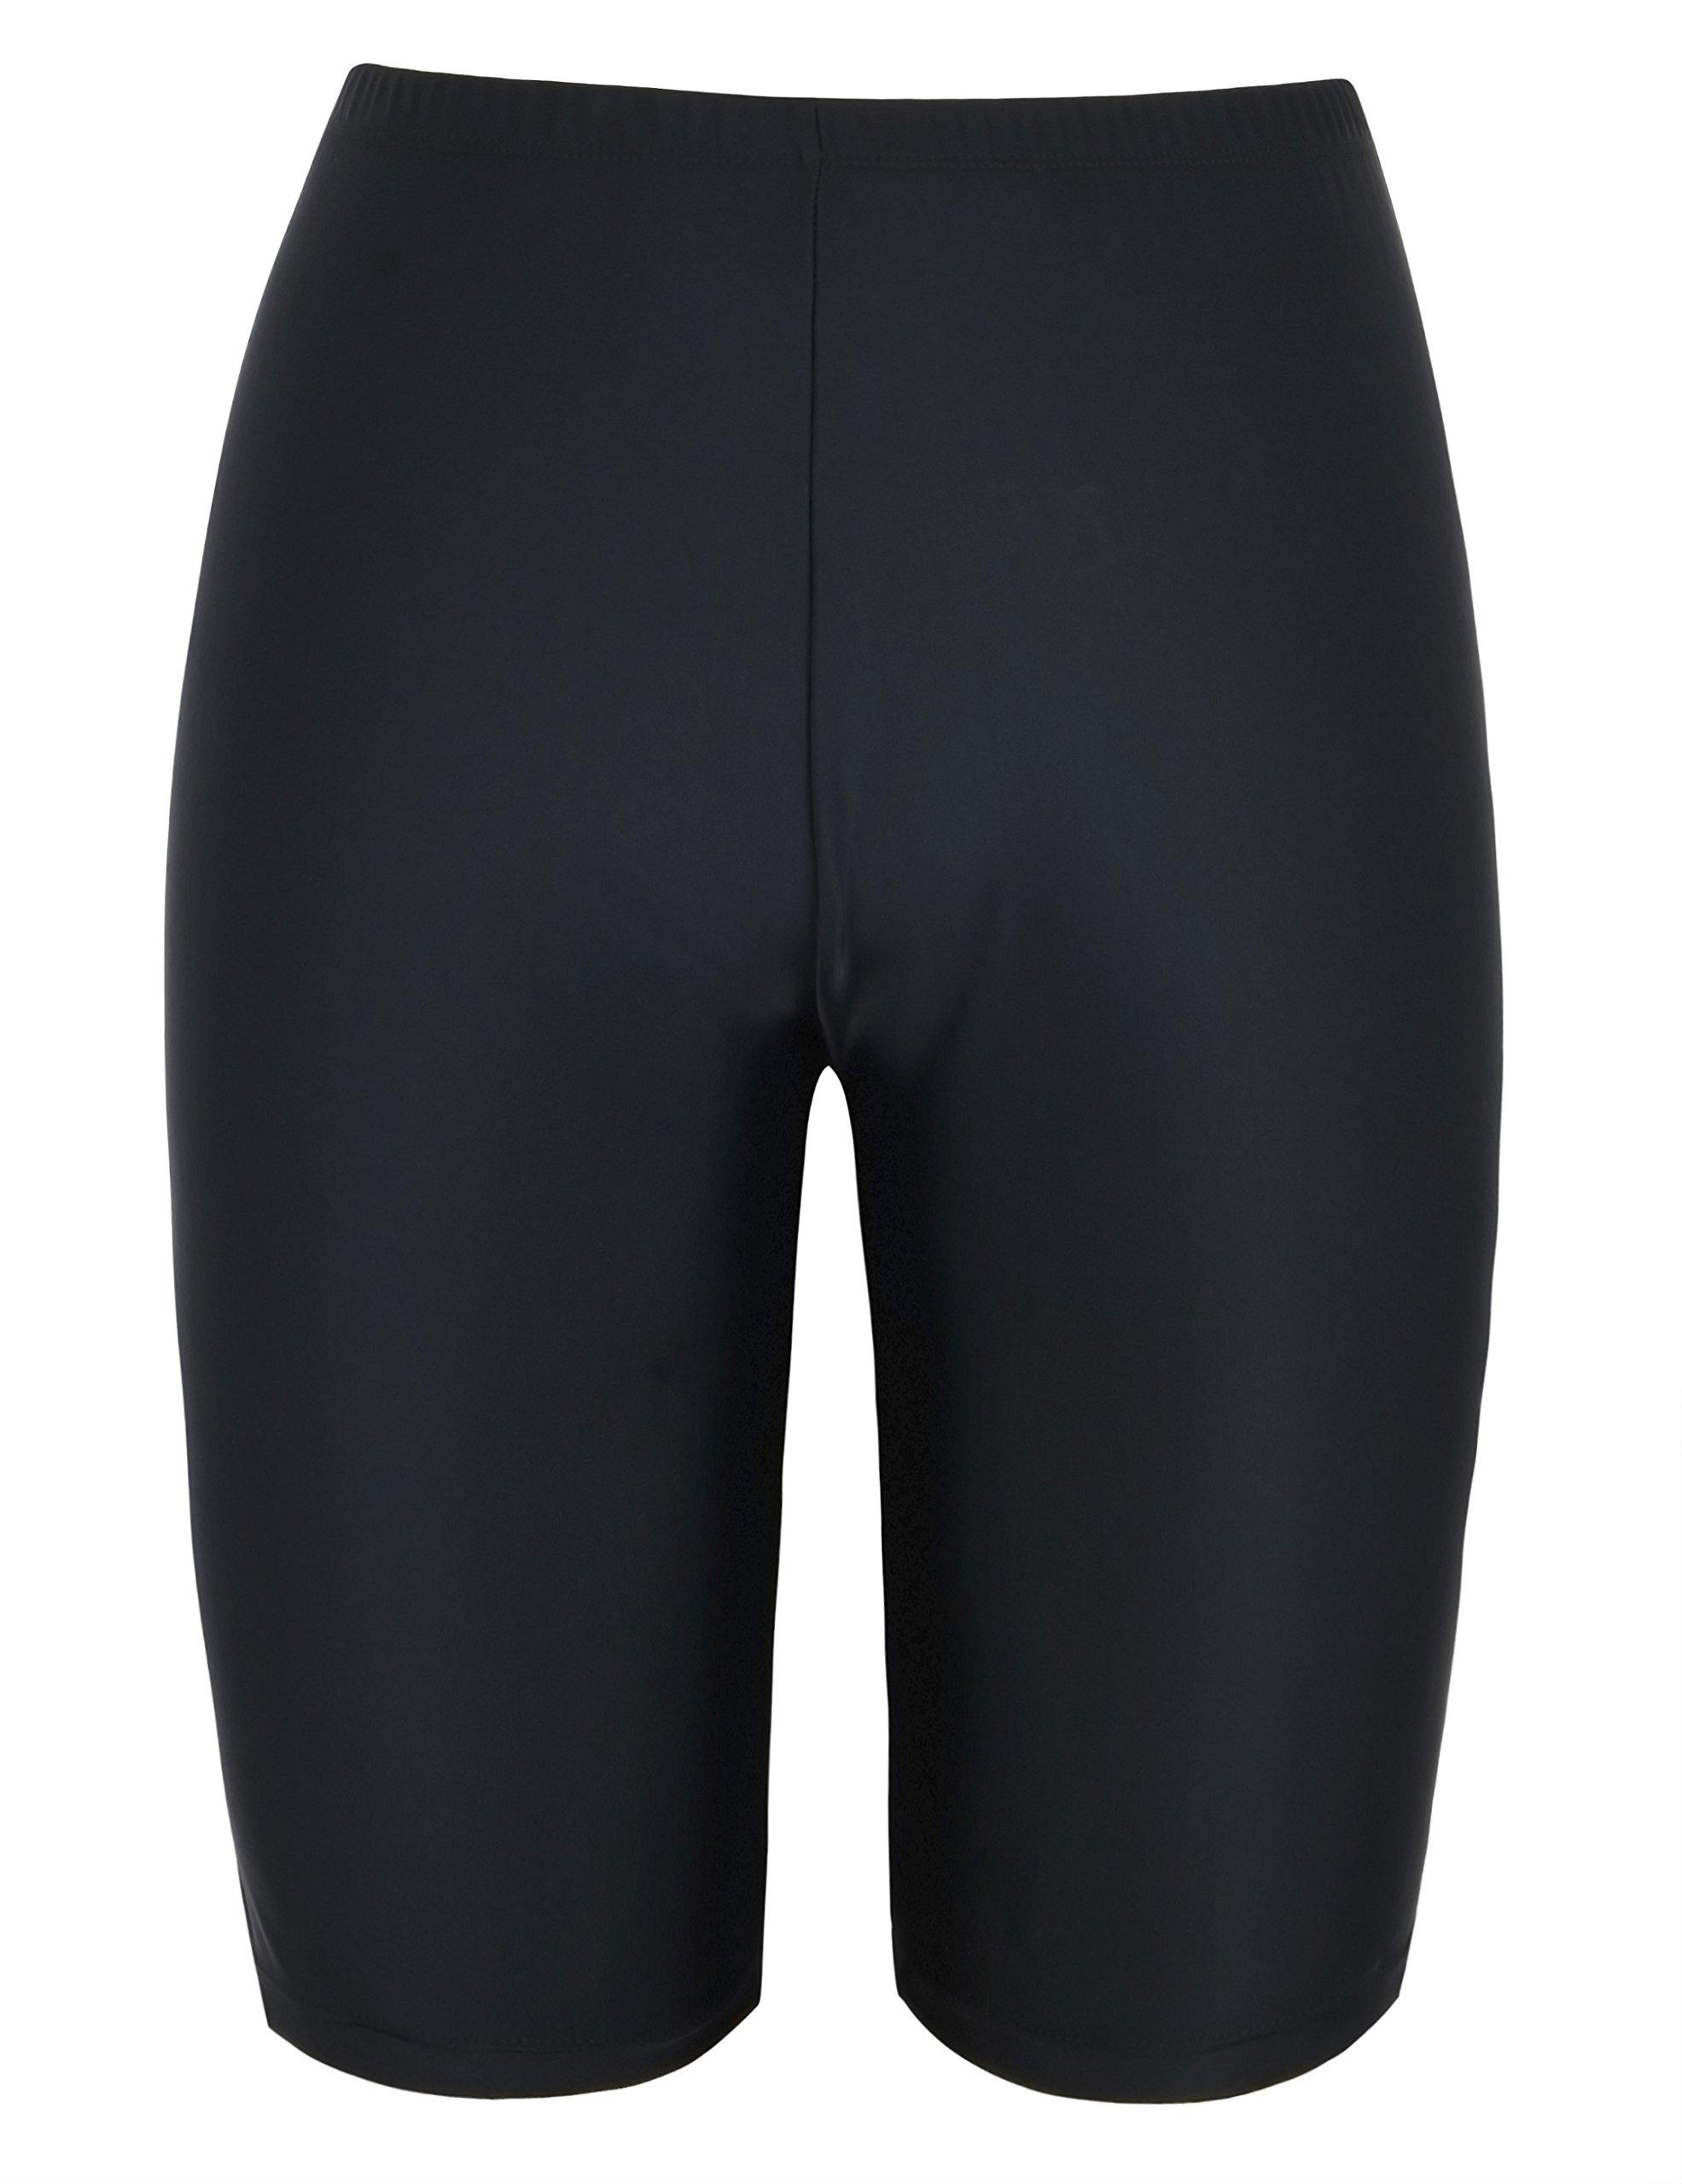 Firpearl Women's UPF50+ Sport Board Shorts Swimsuit Bottom Capris US16 Black